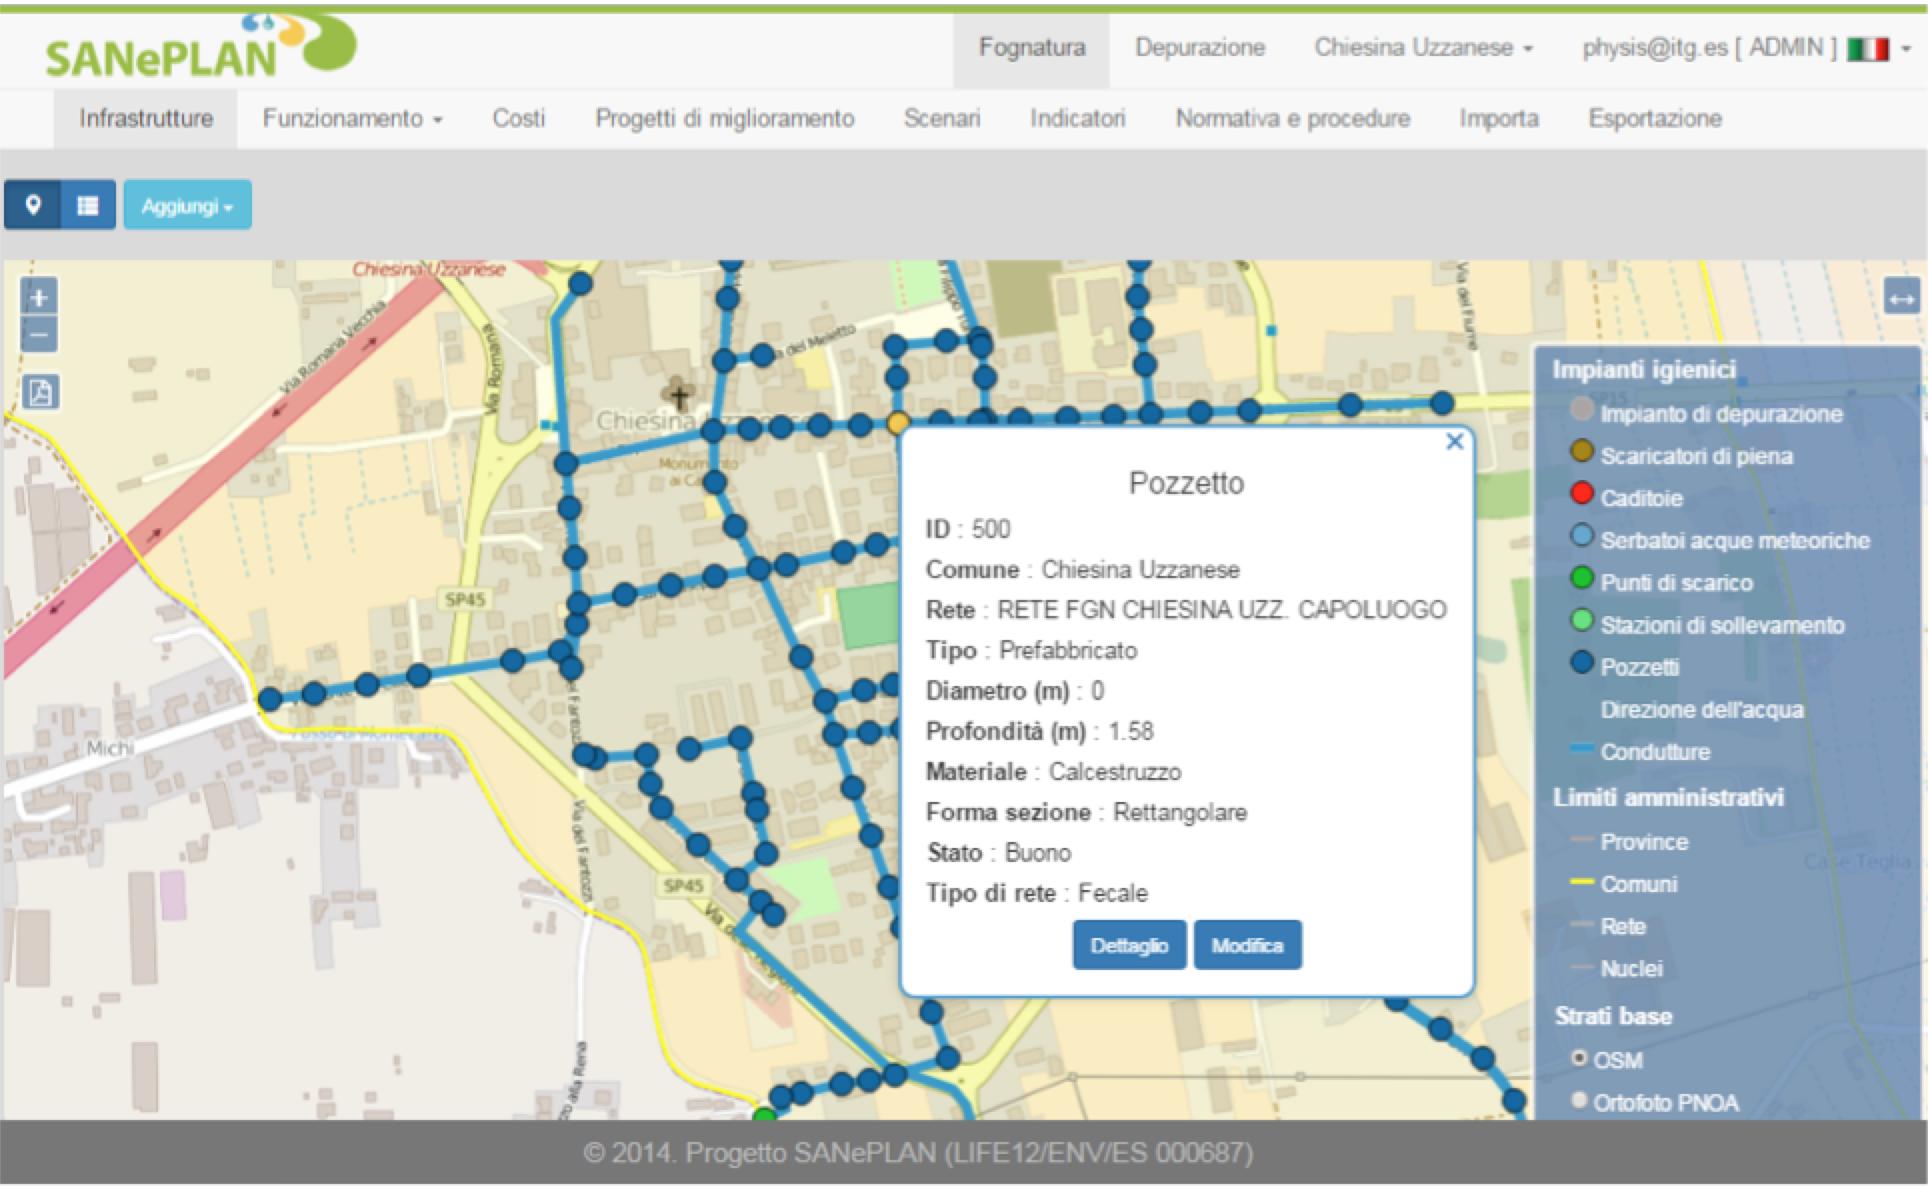 Rappresentazione geografica delle infrastrutture del blocco fognatura- pozzetto di fognatura